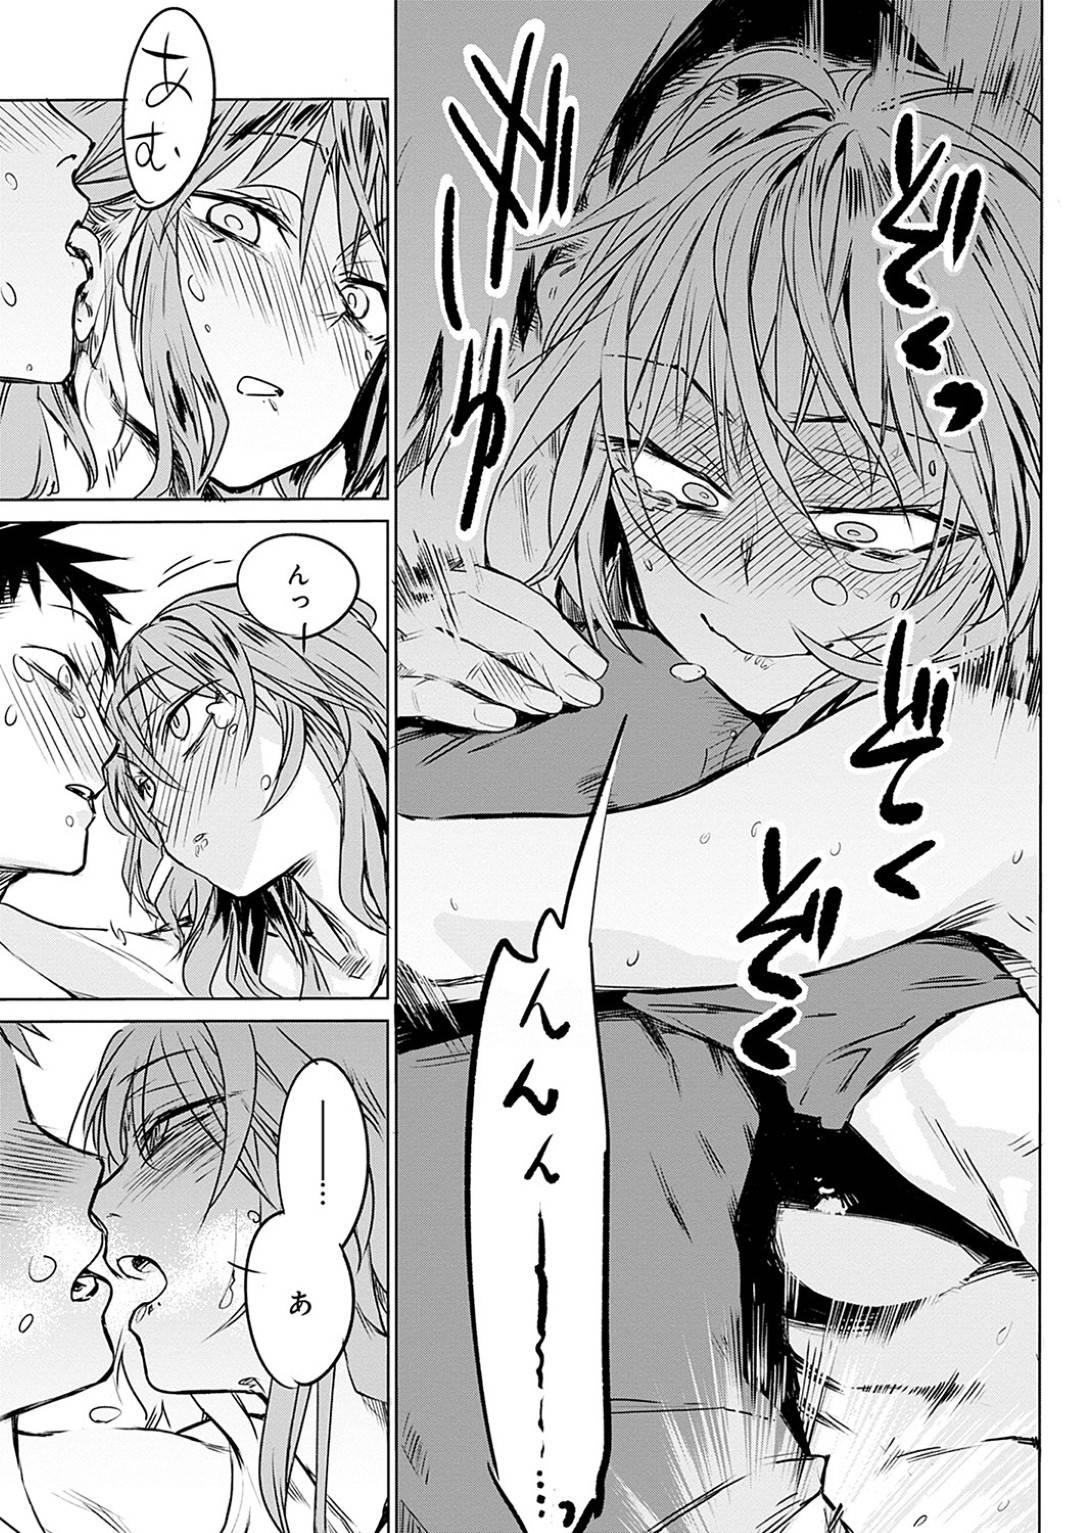 【エロ同人誌】手を出してこない彼氏にブチギレる彼女…進め方が分からない彼氏は好きにして良いと言われるとキスして押し倒すとイチャラブ中出しセックスで処女をもらう【オリジナル】